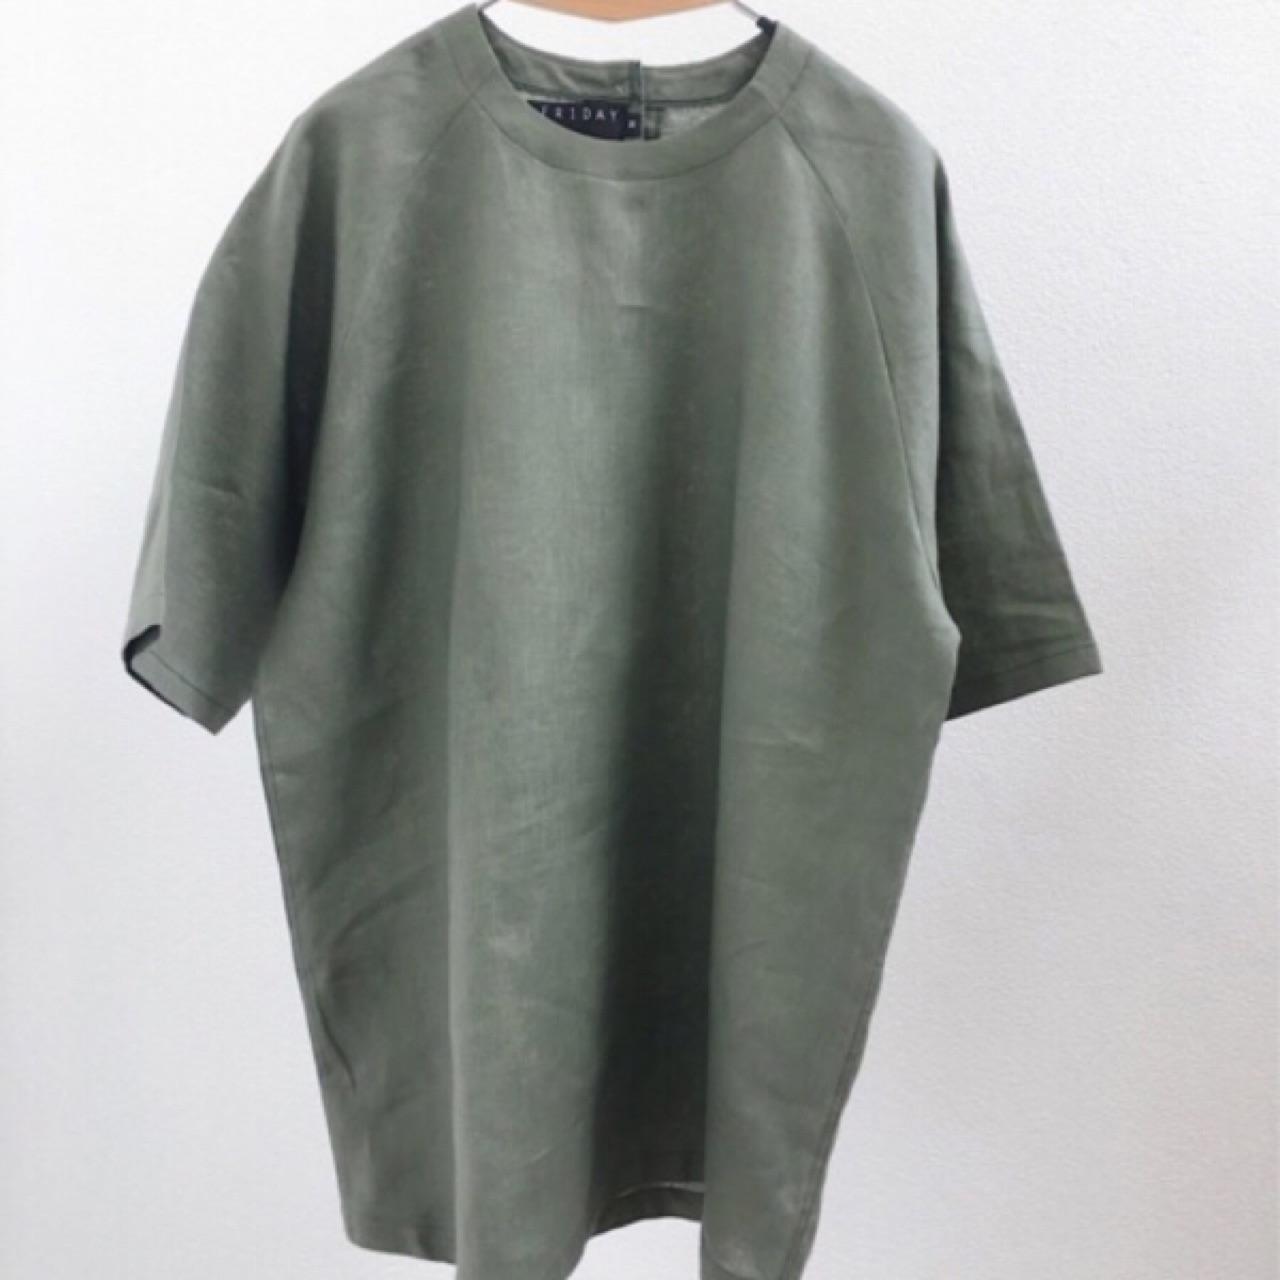 myfridayshop,เสื้อคอกลม,เสื้อแขนสั้น,เสื้อตัวใหญ่,เสื้อoversized